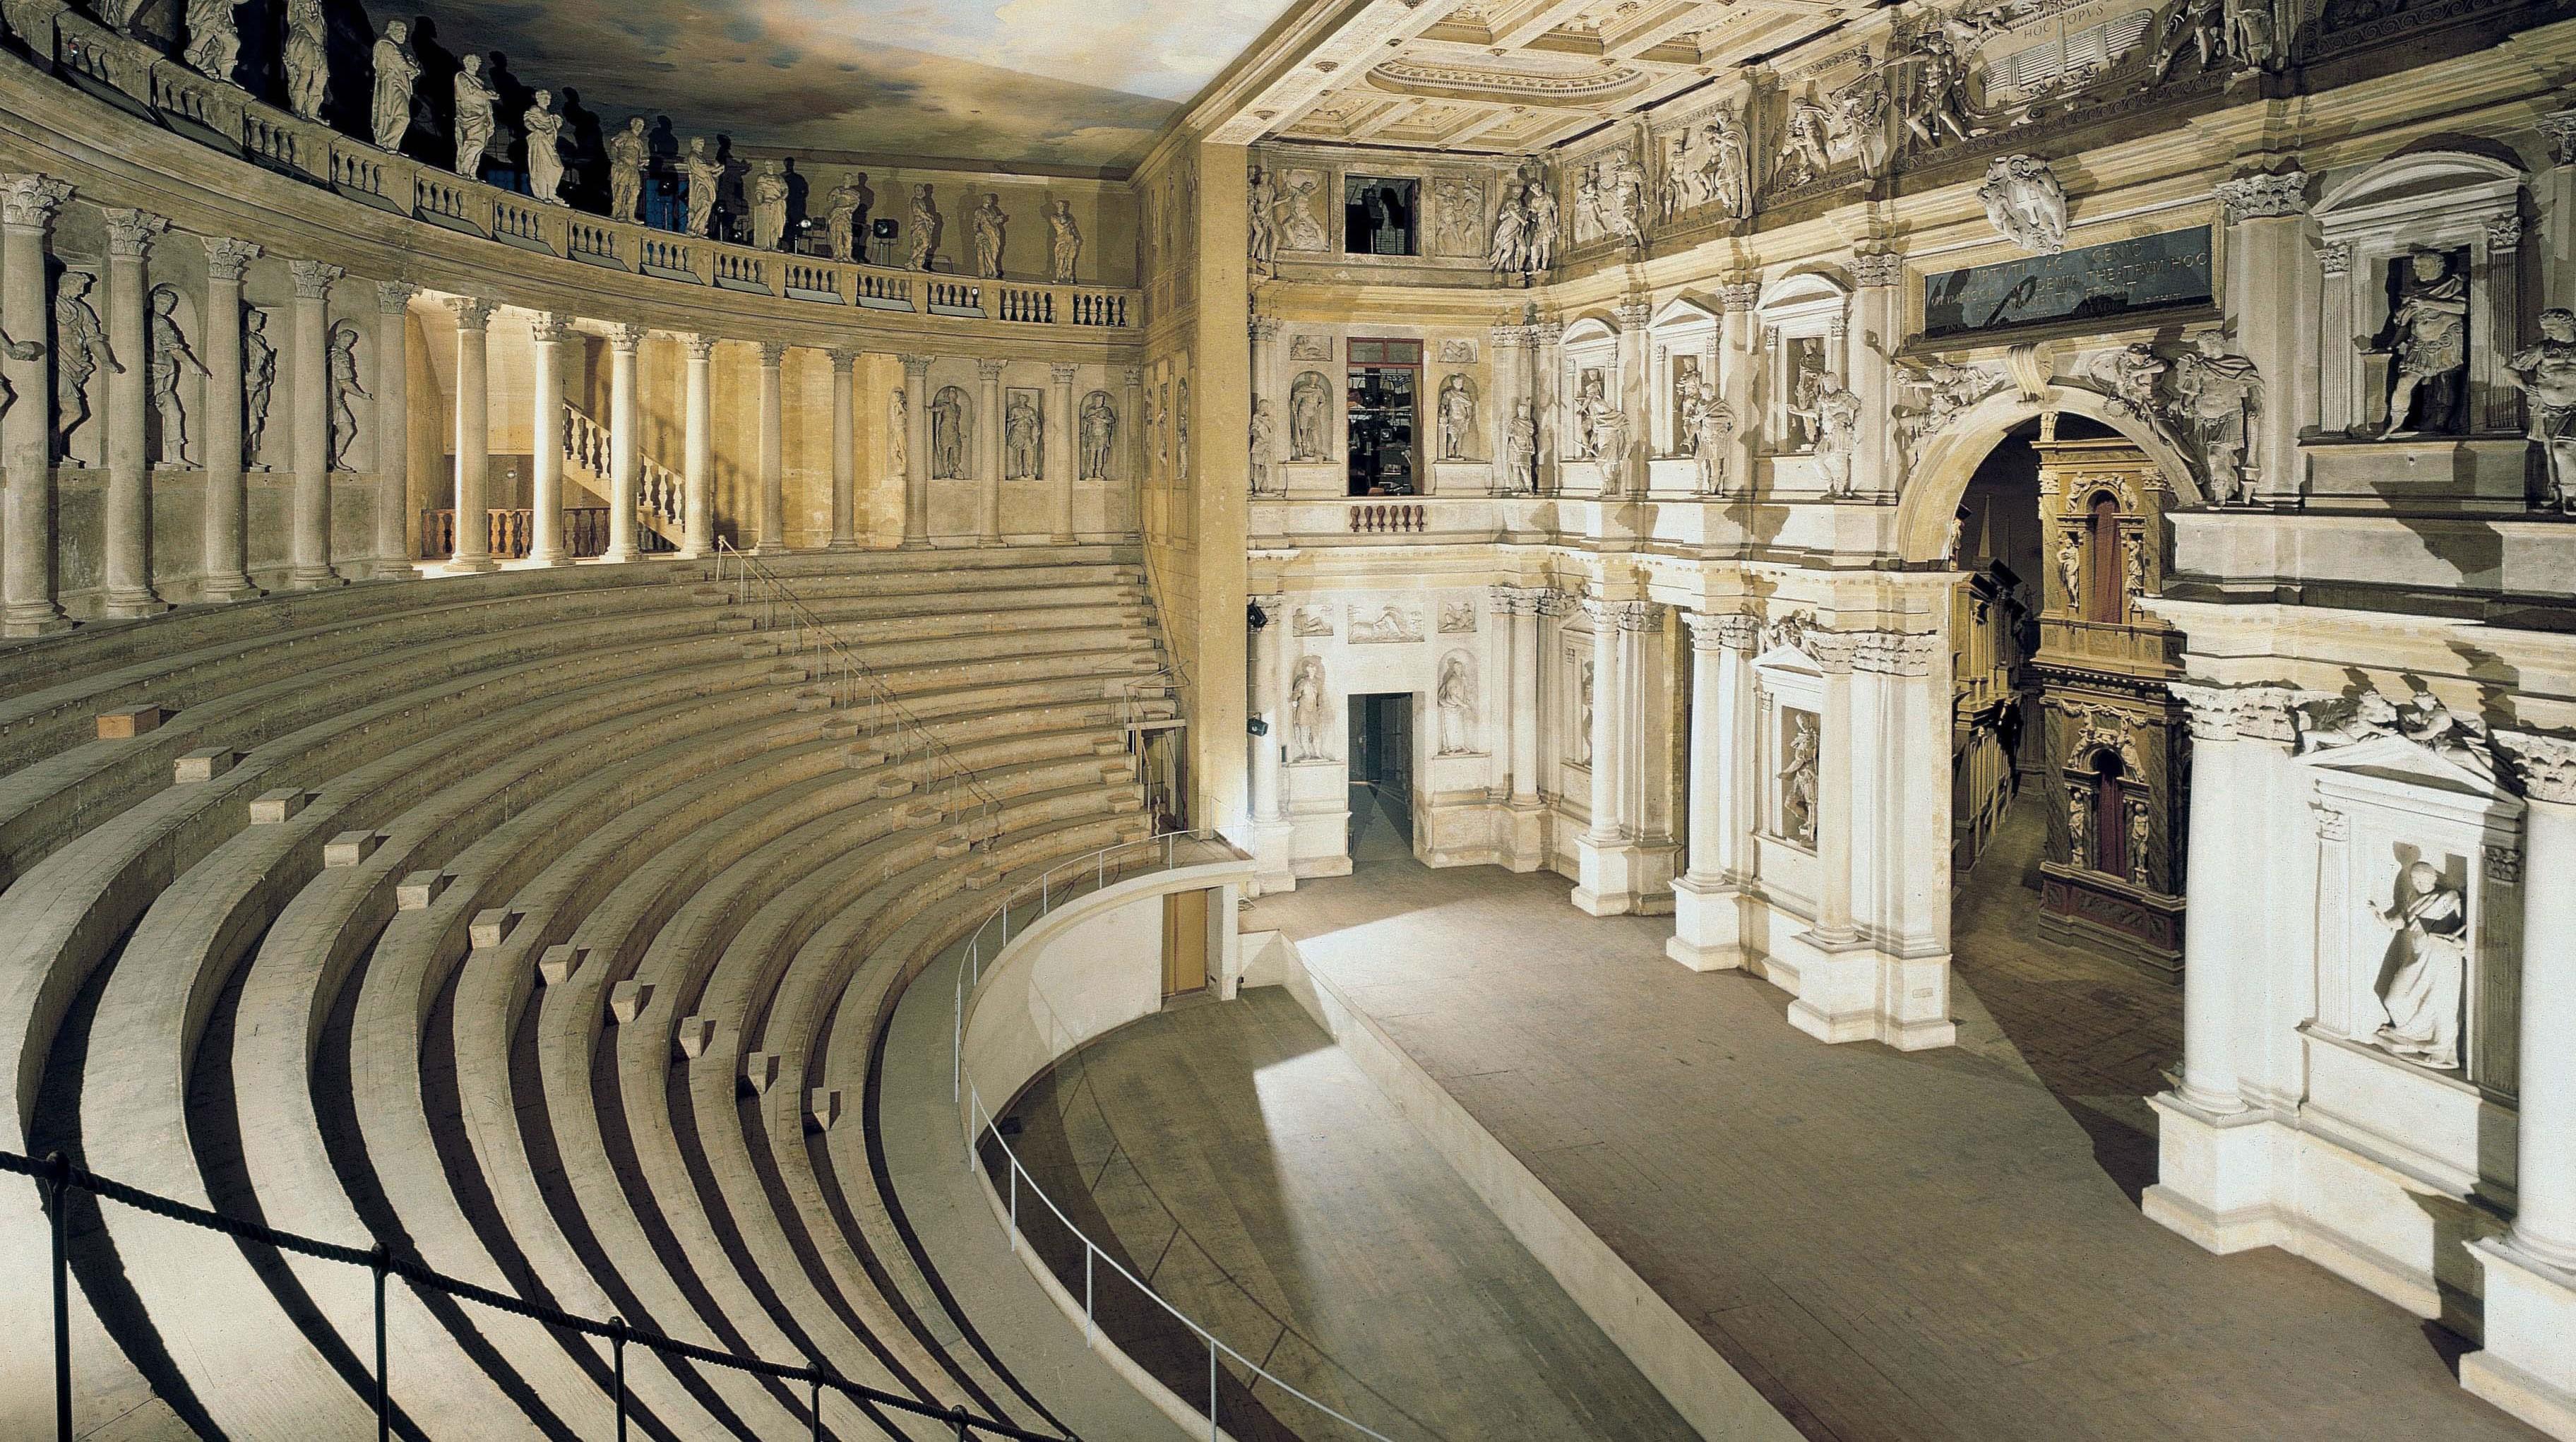 Teatro Olimpico Di Vicenza